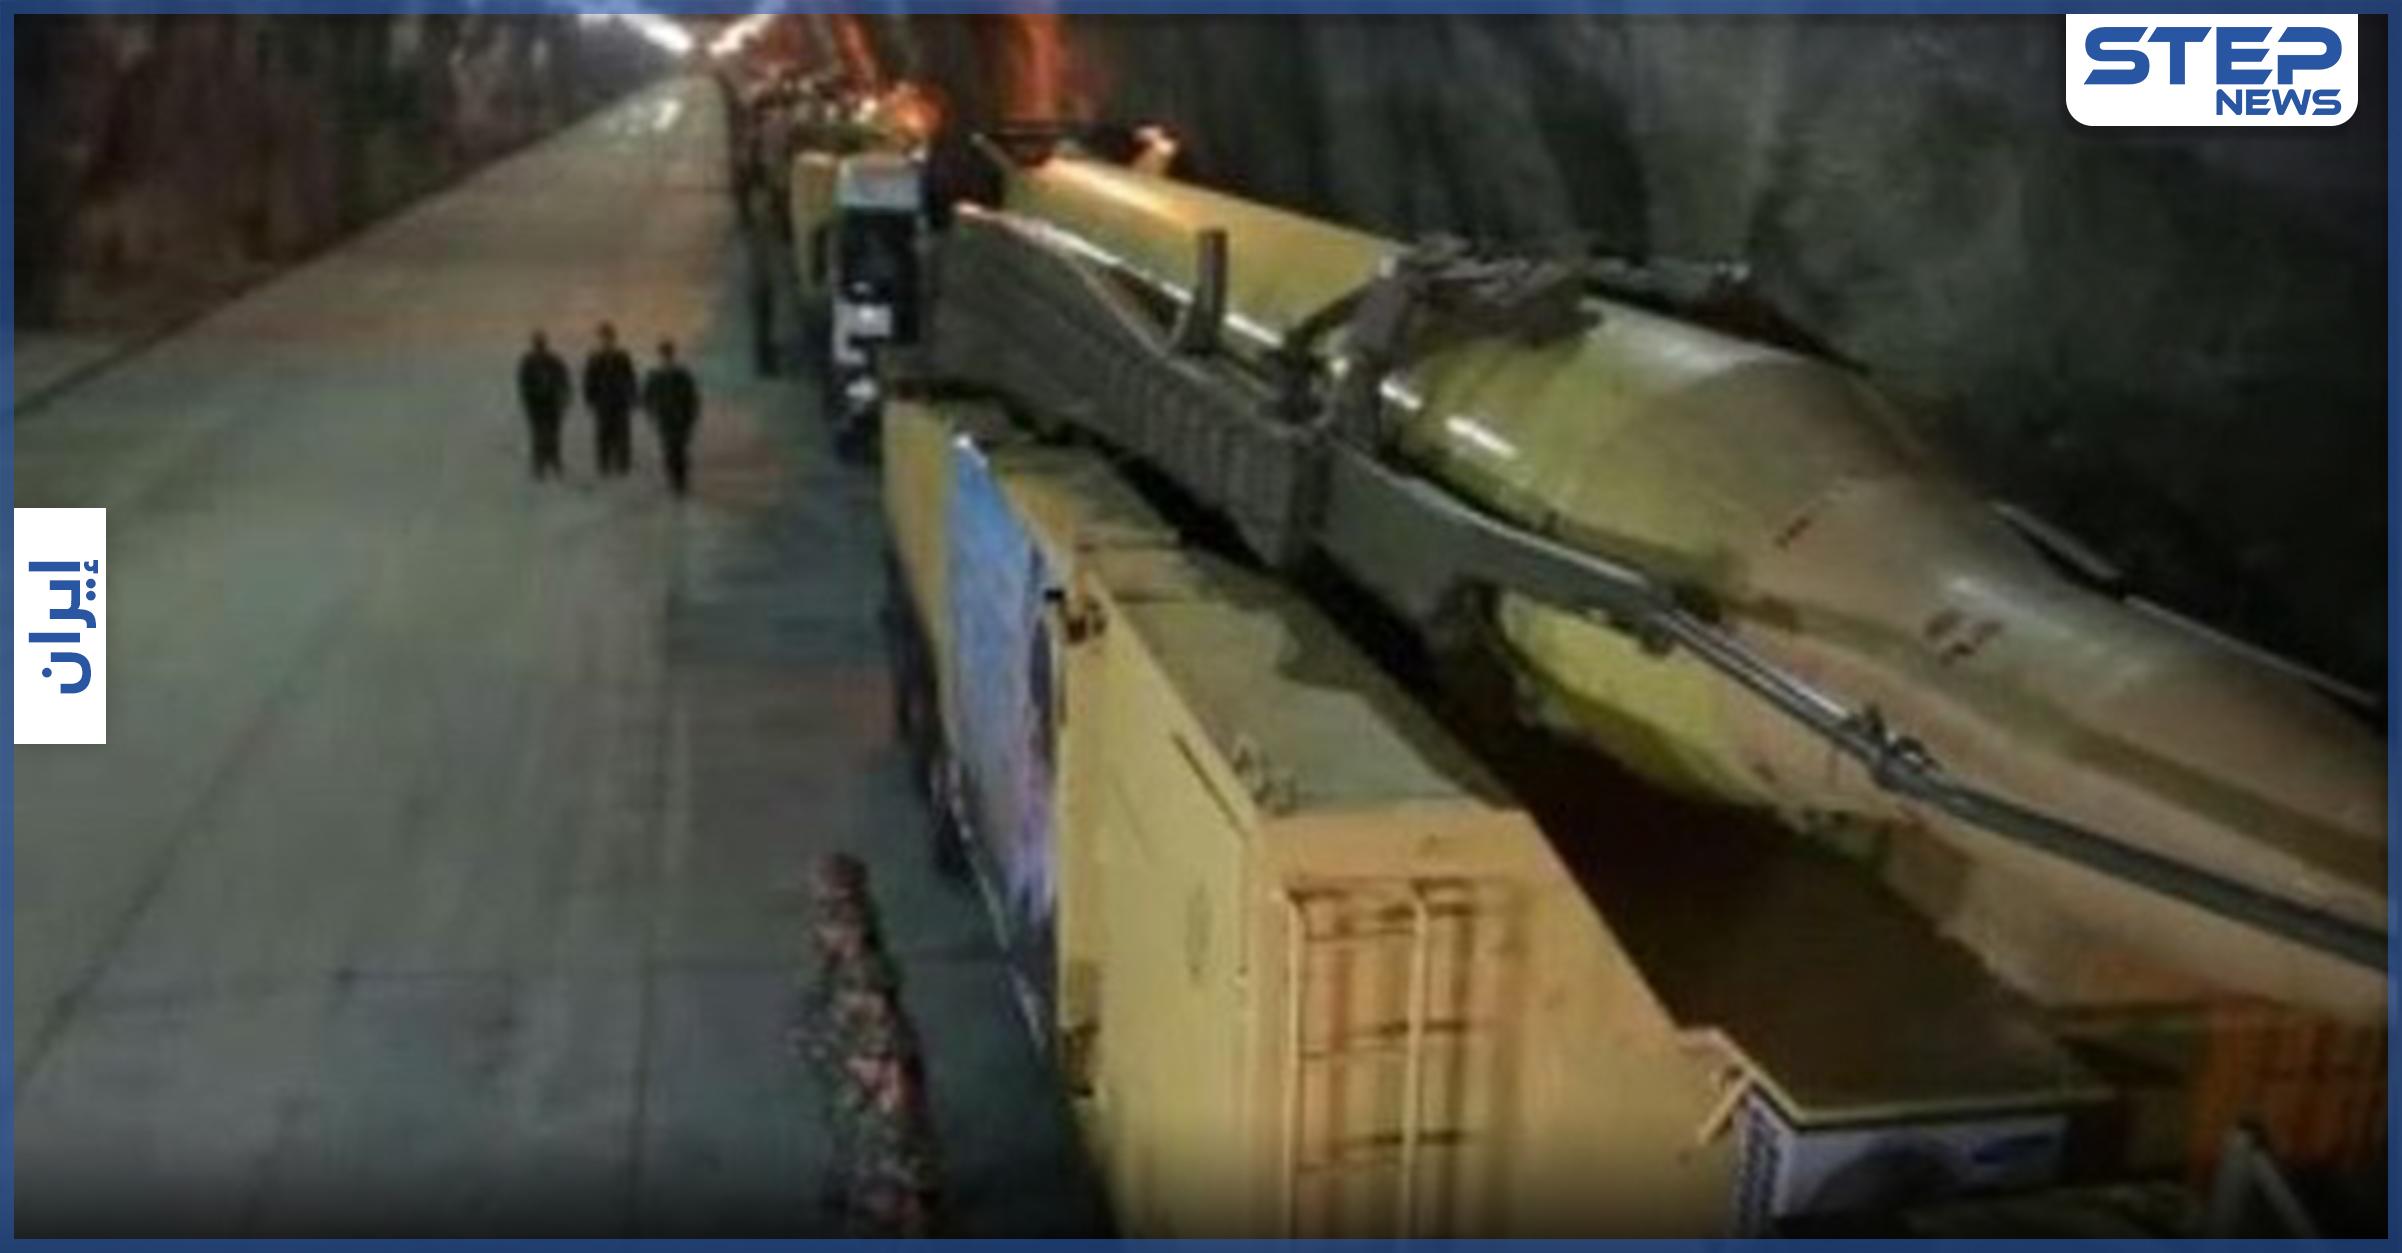 إيران تعلن نفاذ الوقت للعودة إلى الاتفاق النووي وتكشف عن مدينة صواريخ تحت الأرض (فيديو)